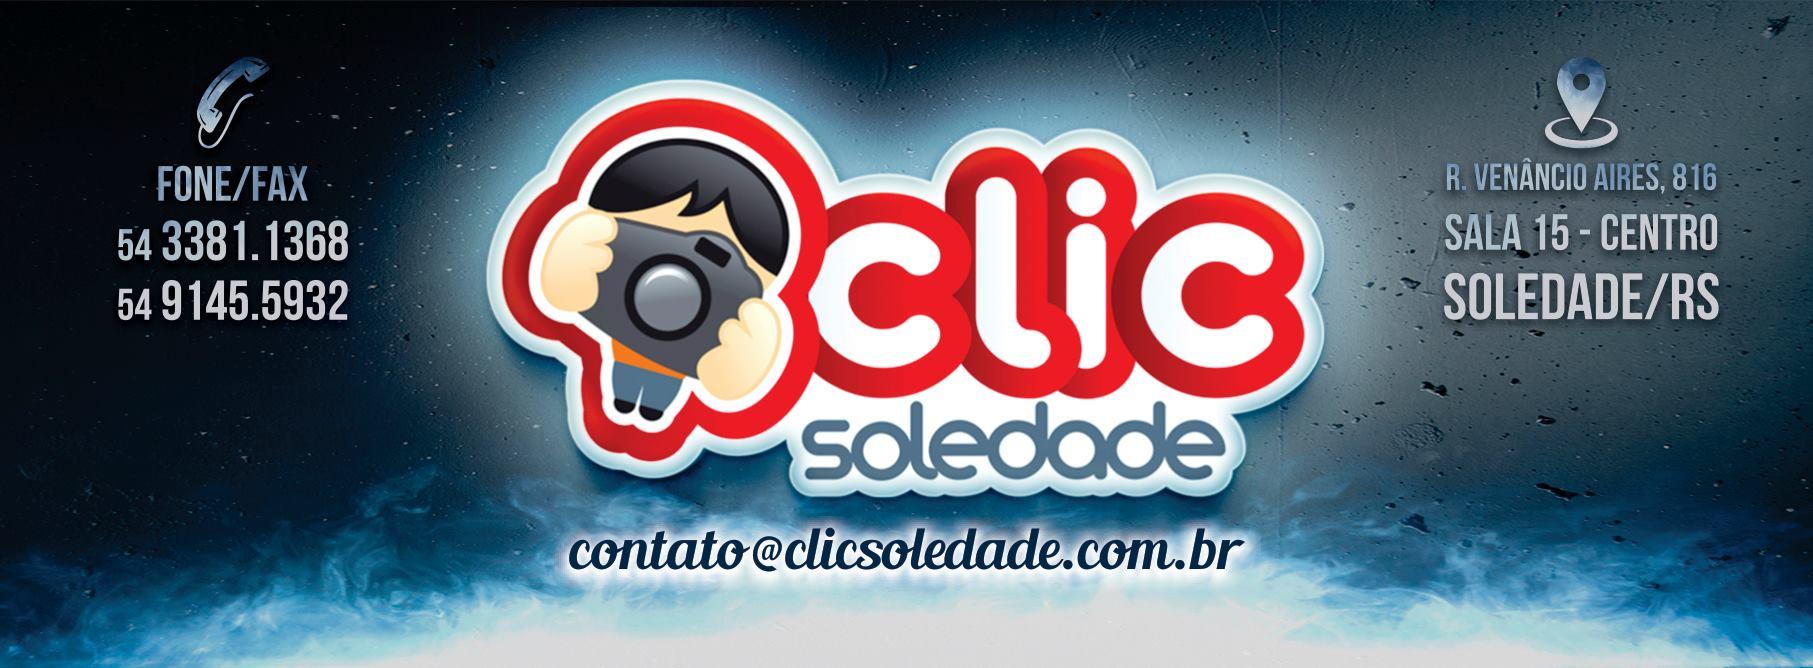 soledade-joia-2 Projetos da Soledade é Joia são entregues para instituições em Porto Alegre